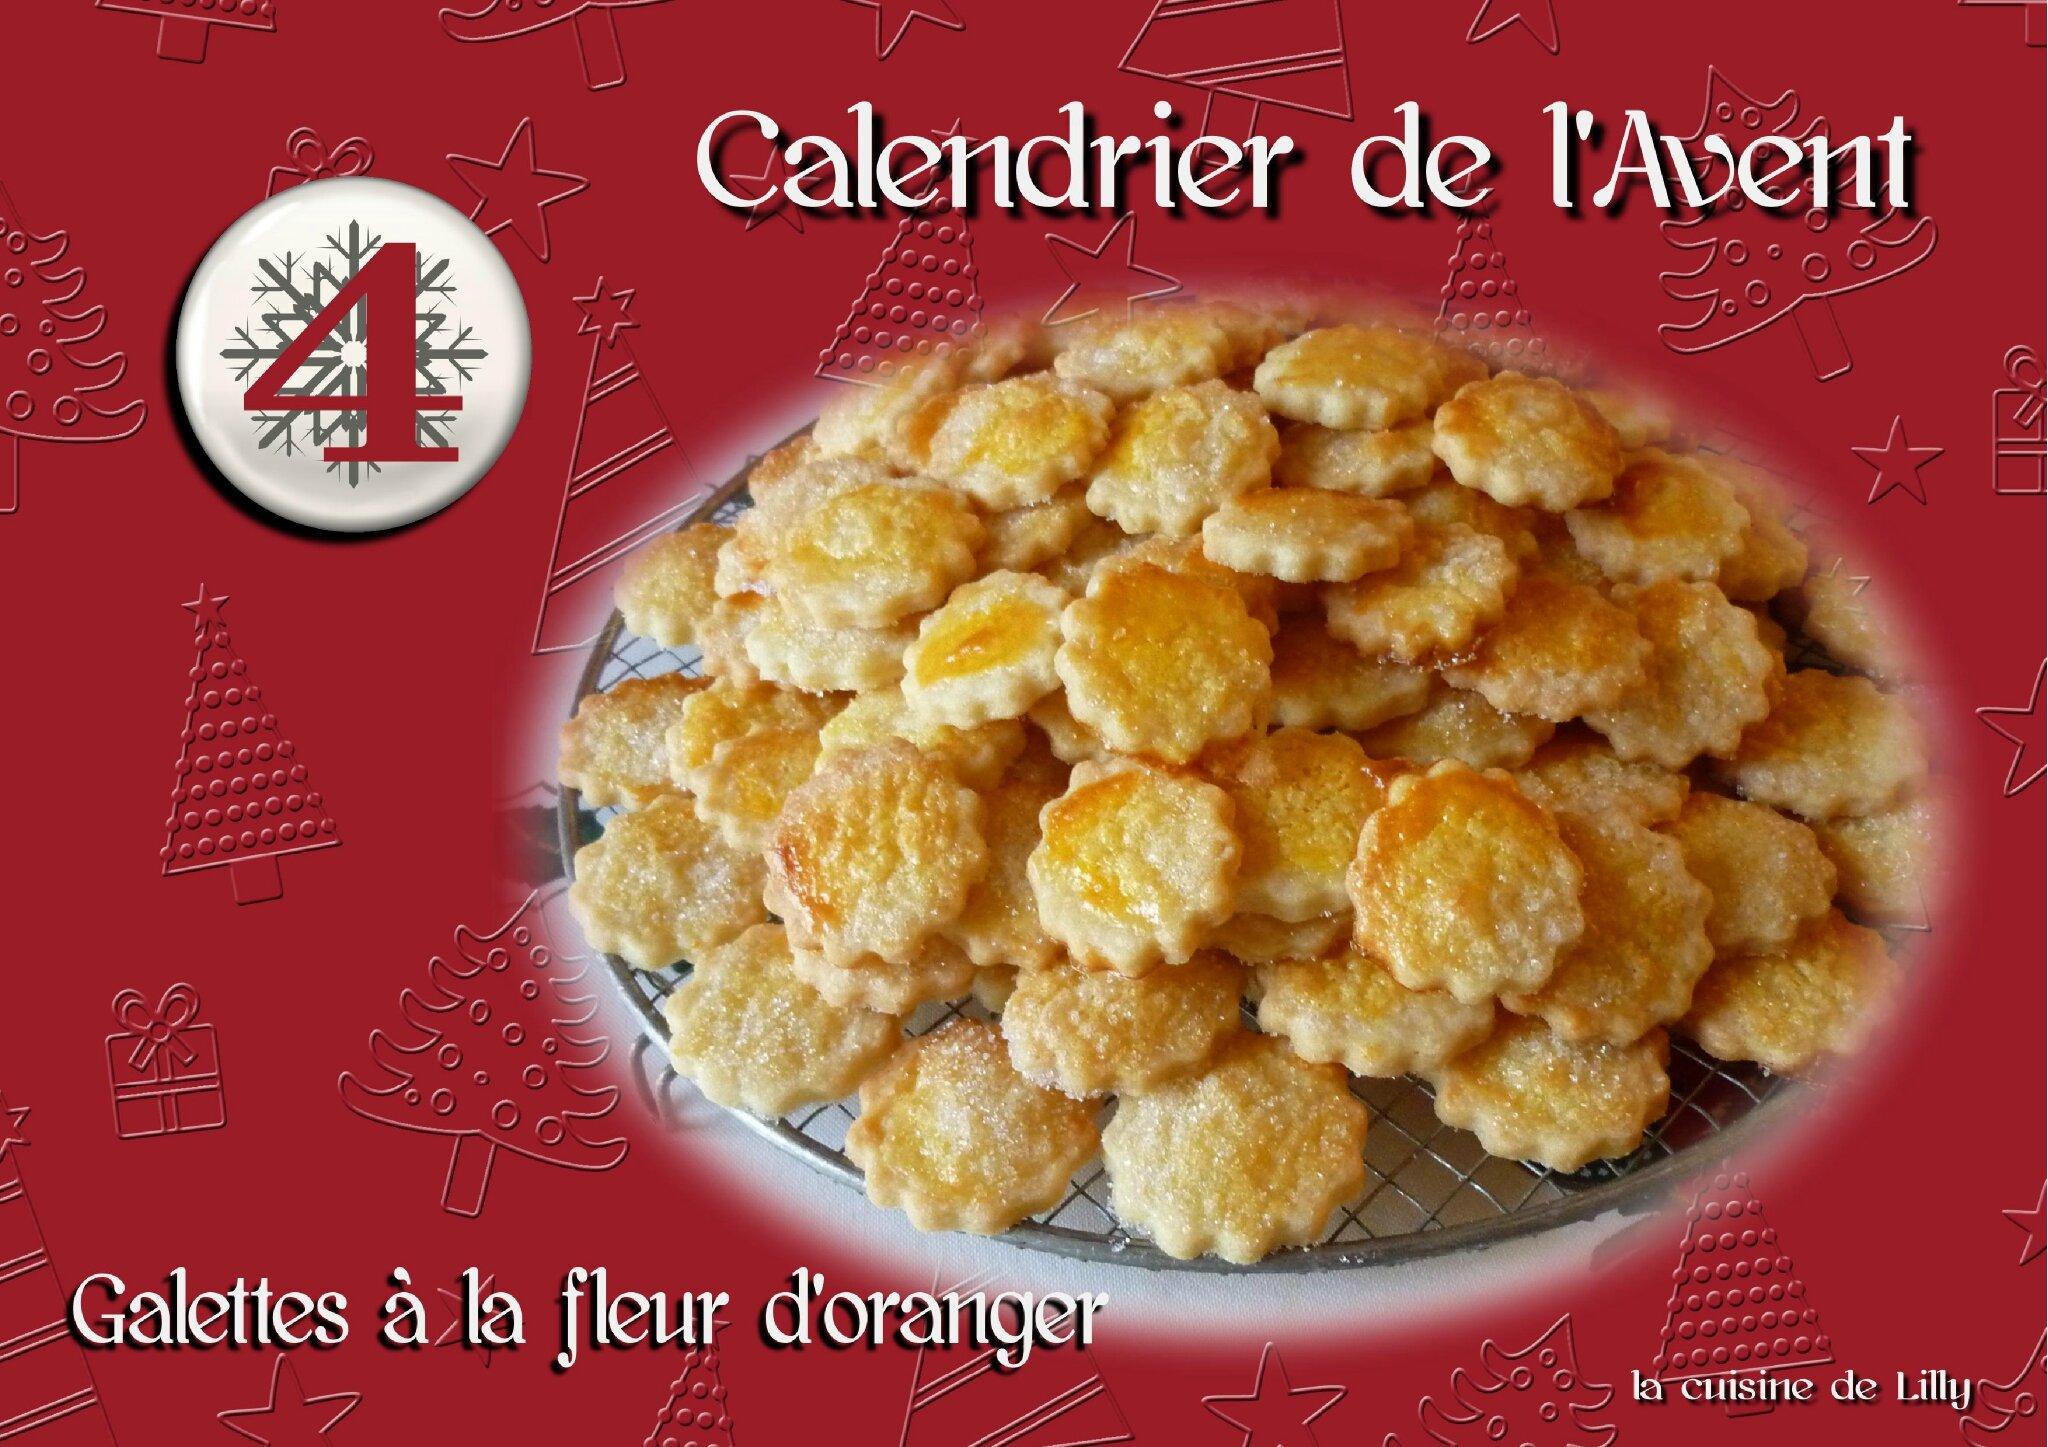 Calendrier De Lavent Thermomix.Calendrier De L Avent 4 Decembre La Cuisine De Lilly